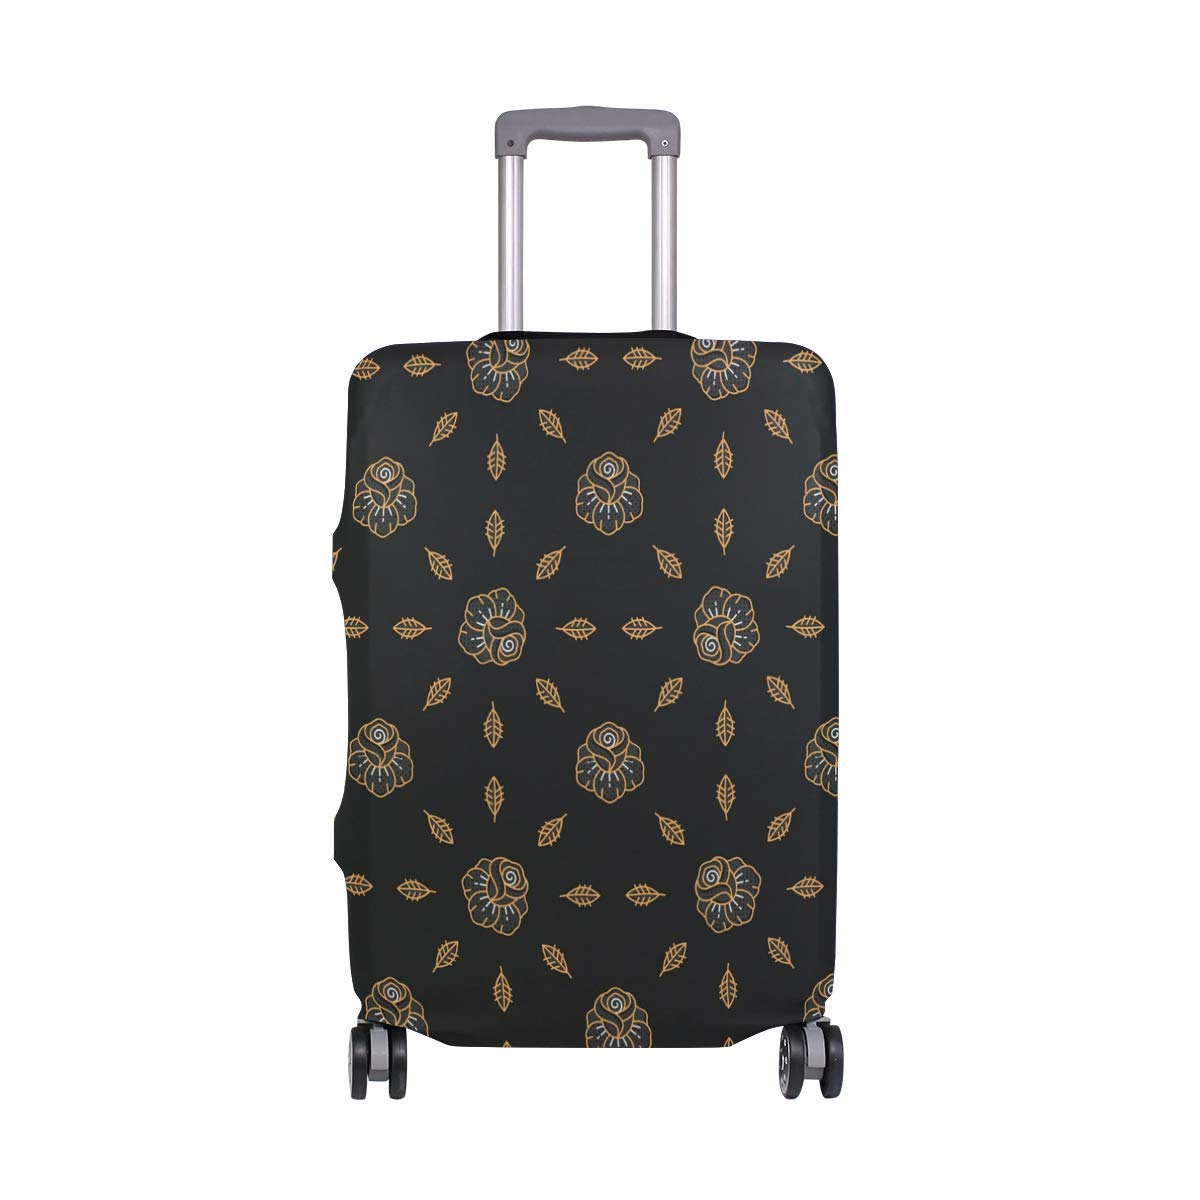 Amazon.com: Maletas de viaje con diseño de calavera de oro ...